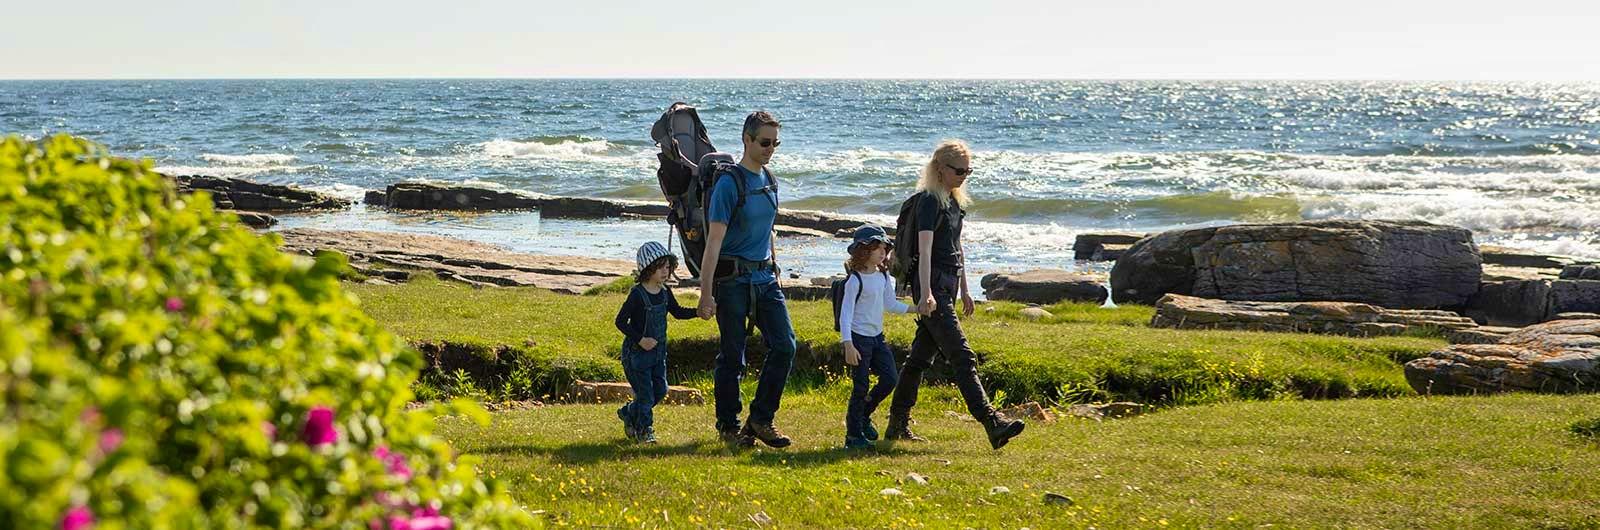 Familj vandrar vid havet i Österlen